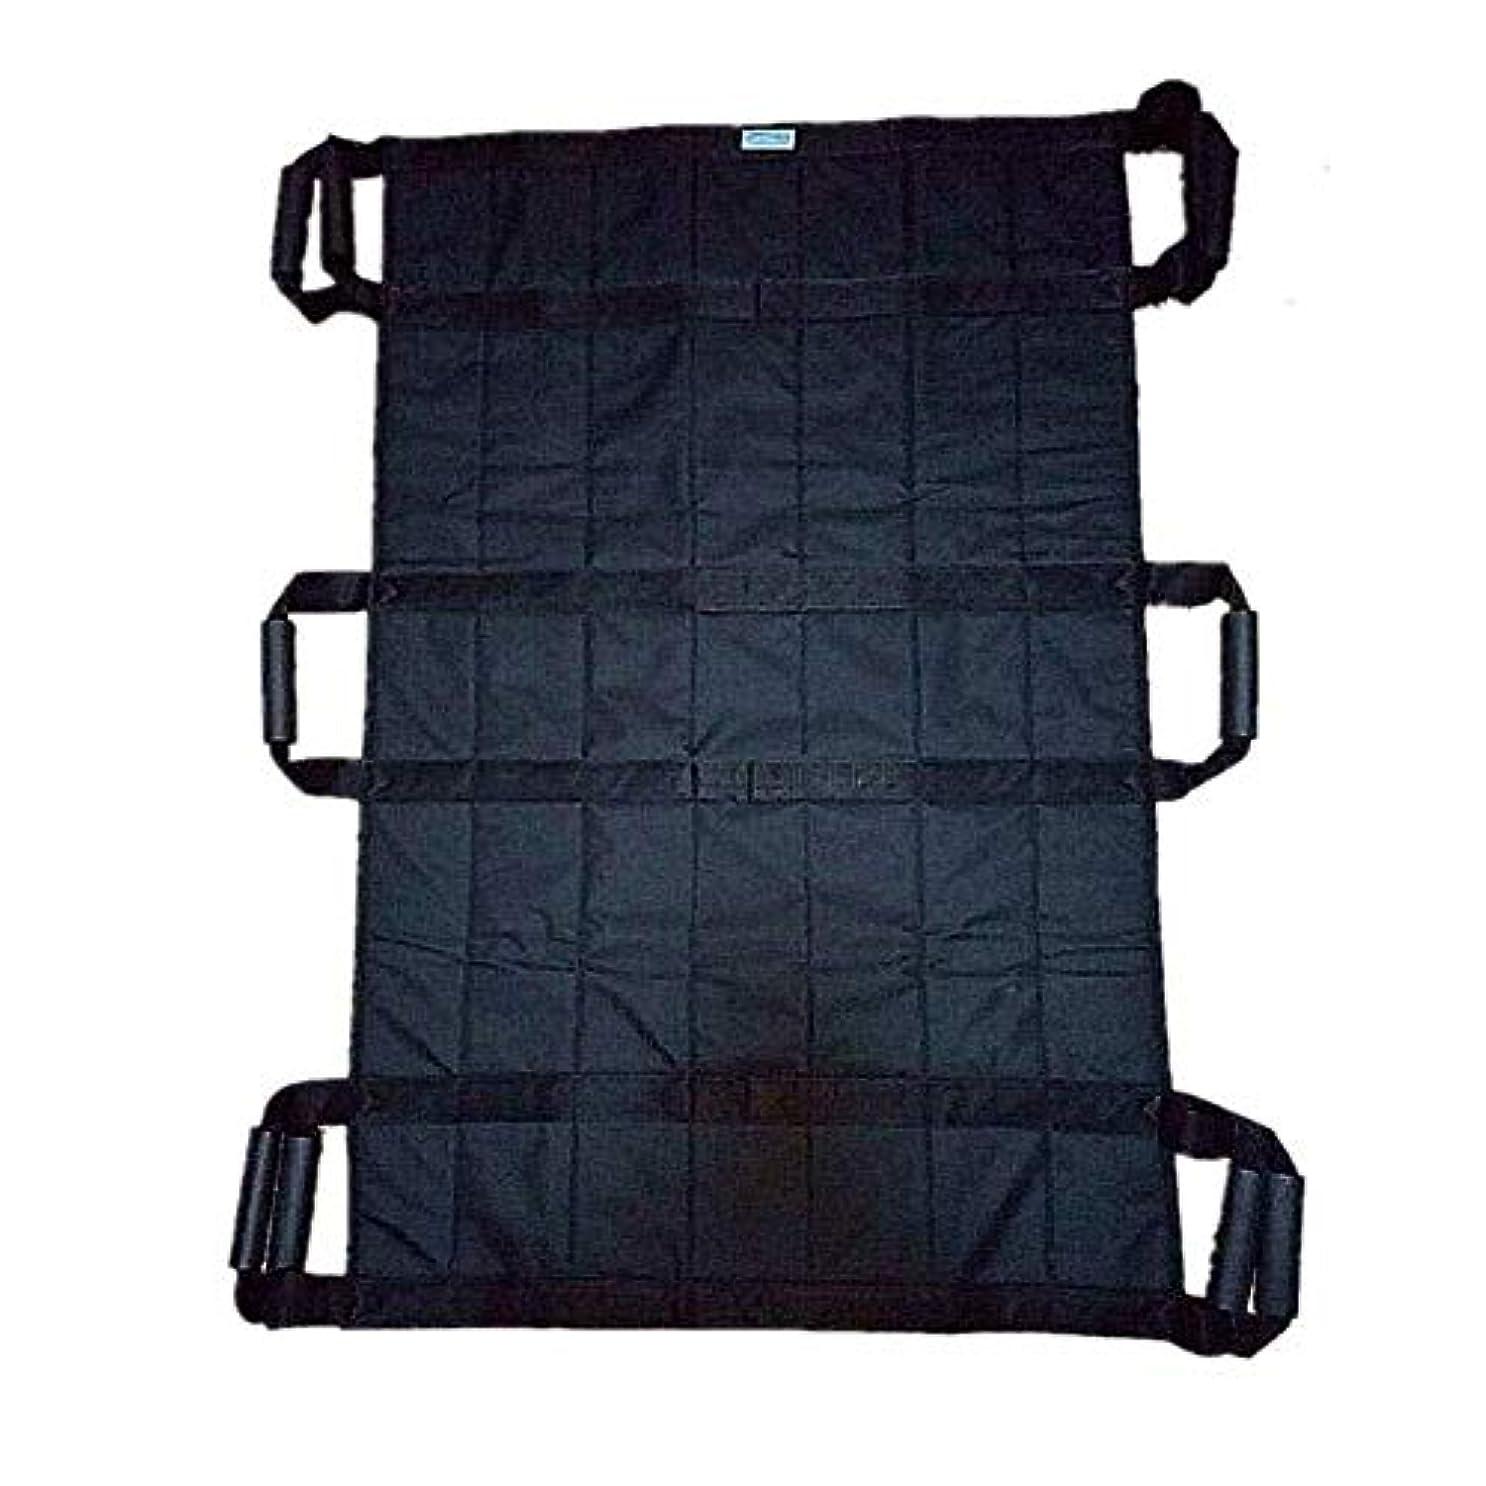 支払う移行するトークトランスファーボードスライドベルト-患者リフトベッド支援デバイス-患者輸送リフトスリング-位置決めベッドパッド